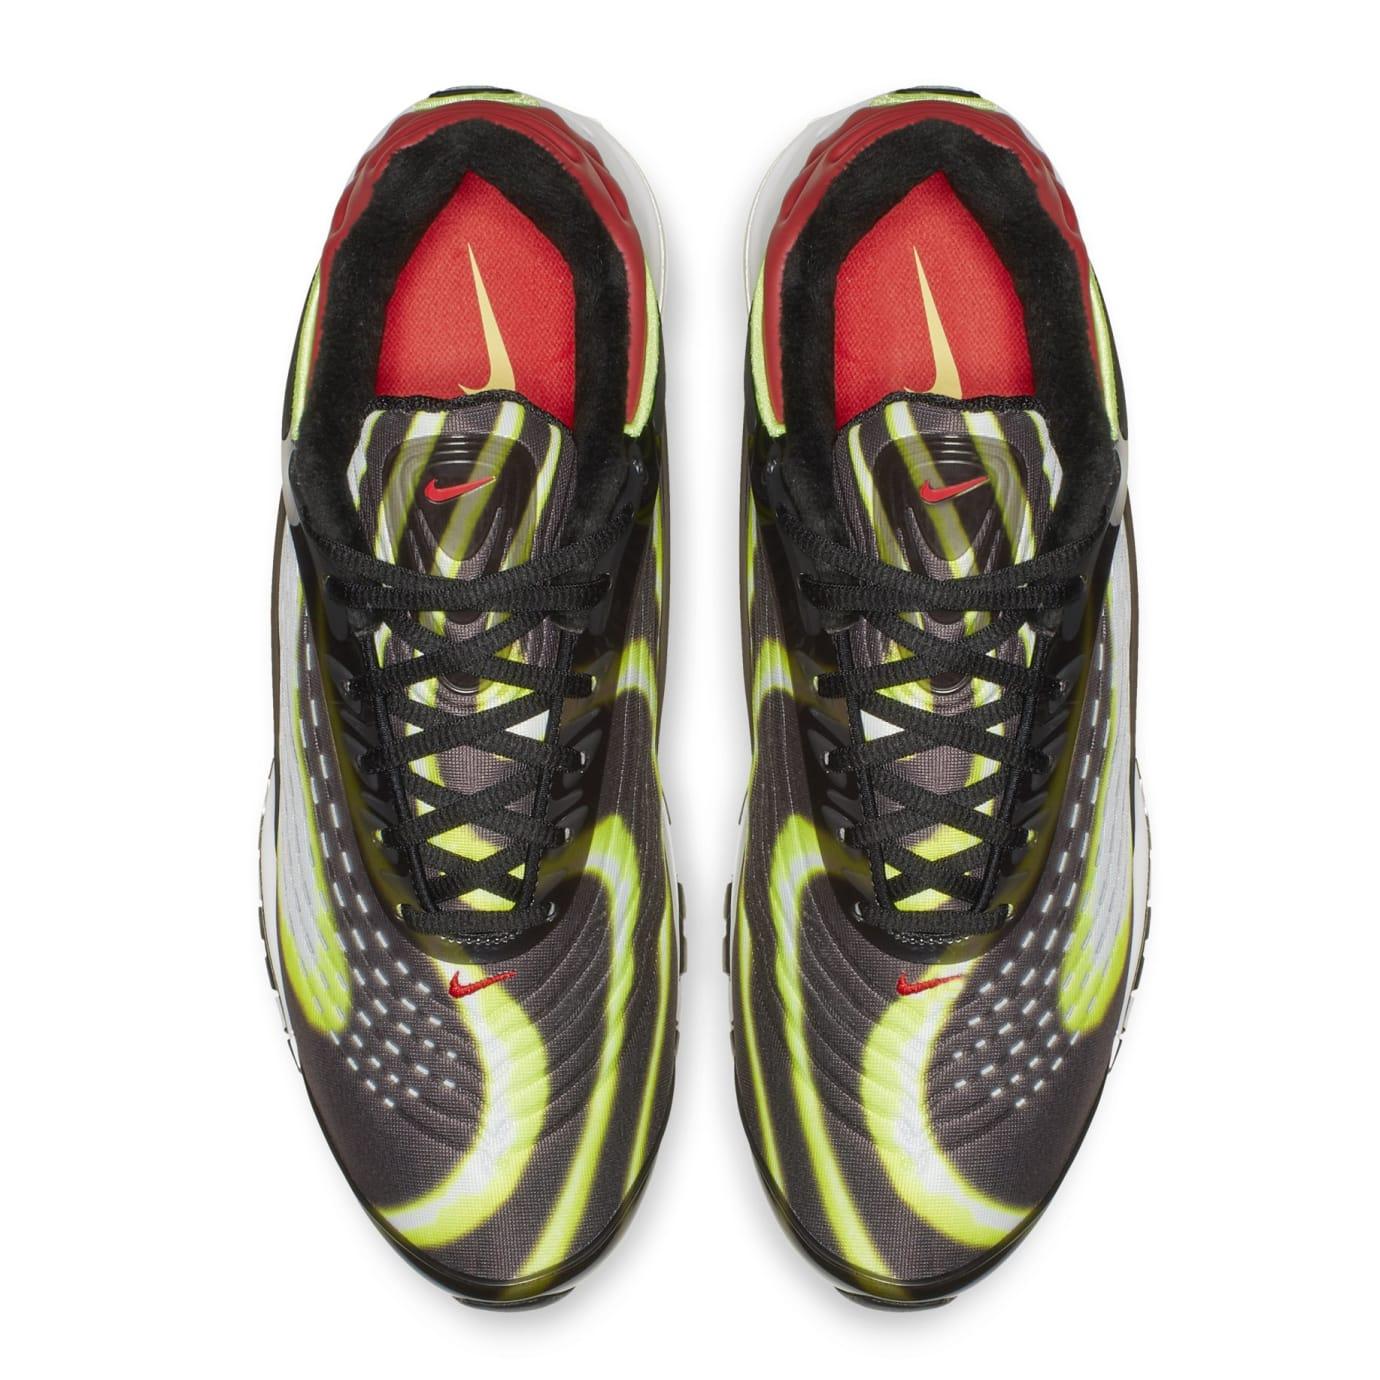 170e5ce6f9c Image via Nike Nike Air Max Deluxe  Black Volt-Habanero-Red-White  AJ7831